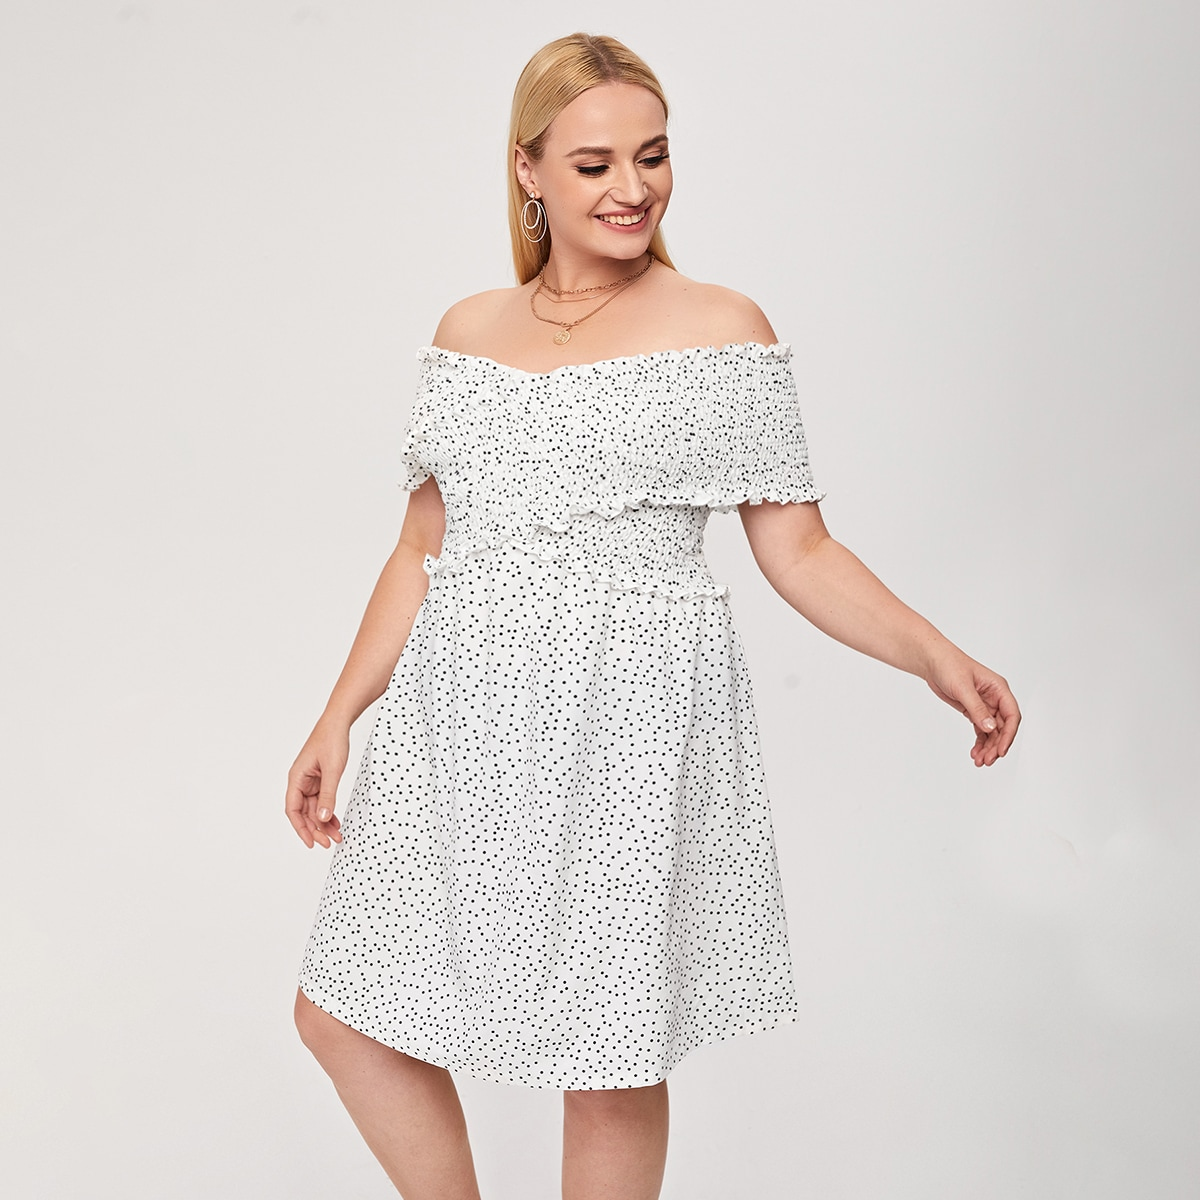 Оборка В горошек Повседневный Платья размер плюс по цене 990